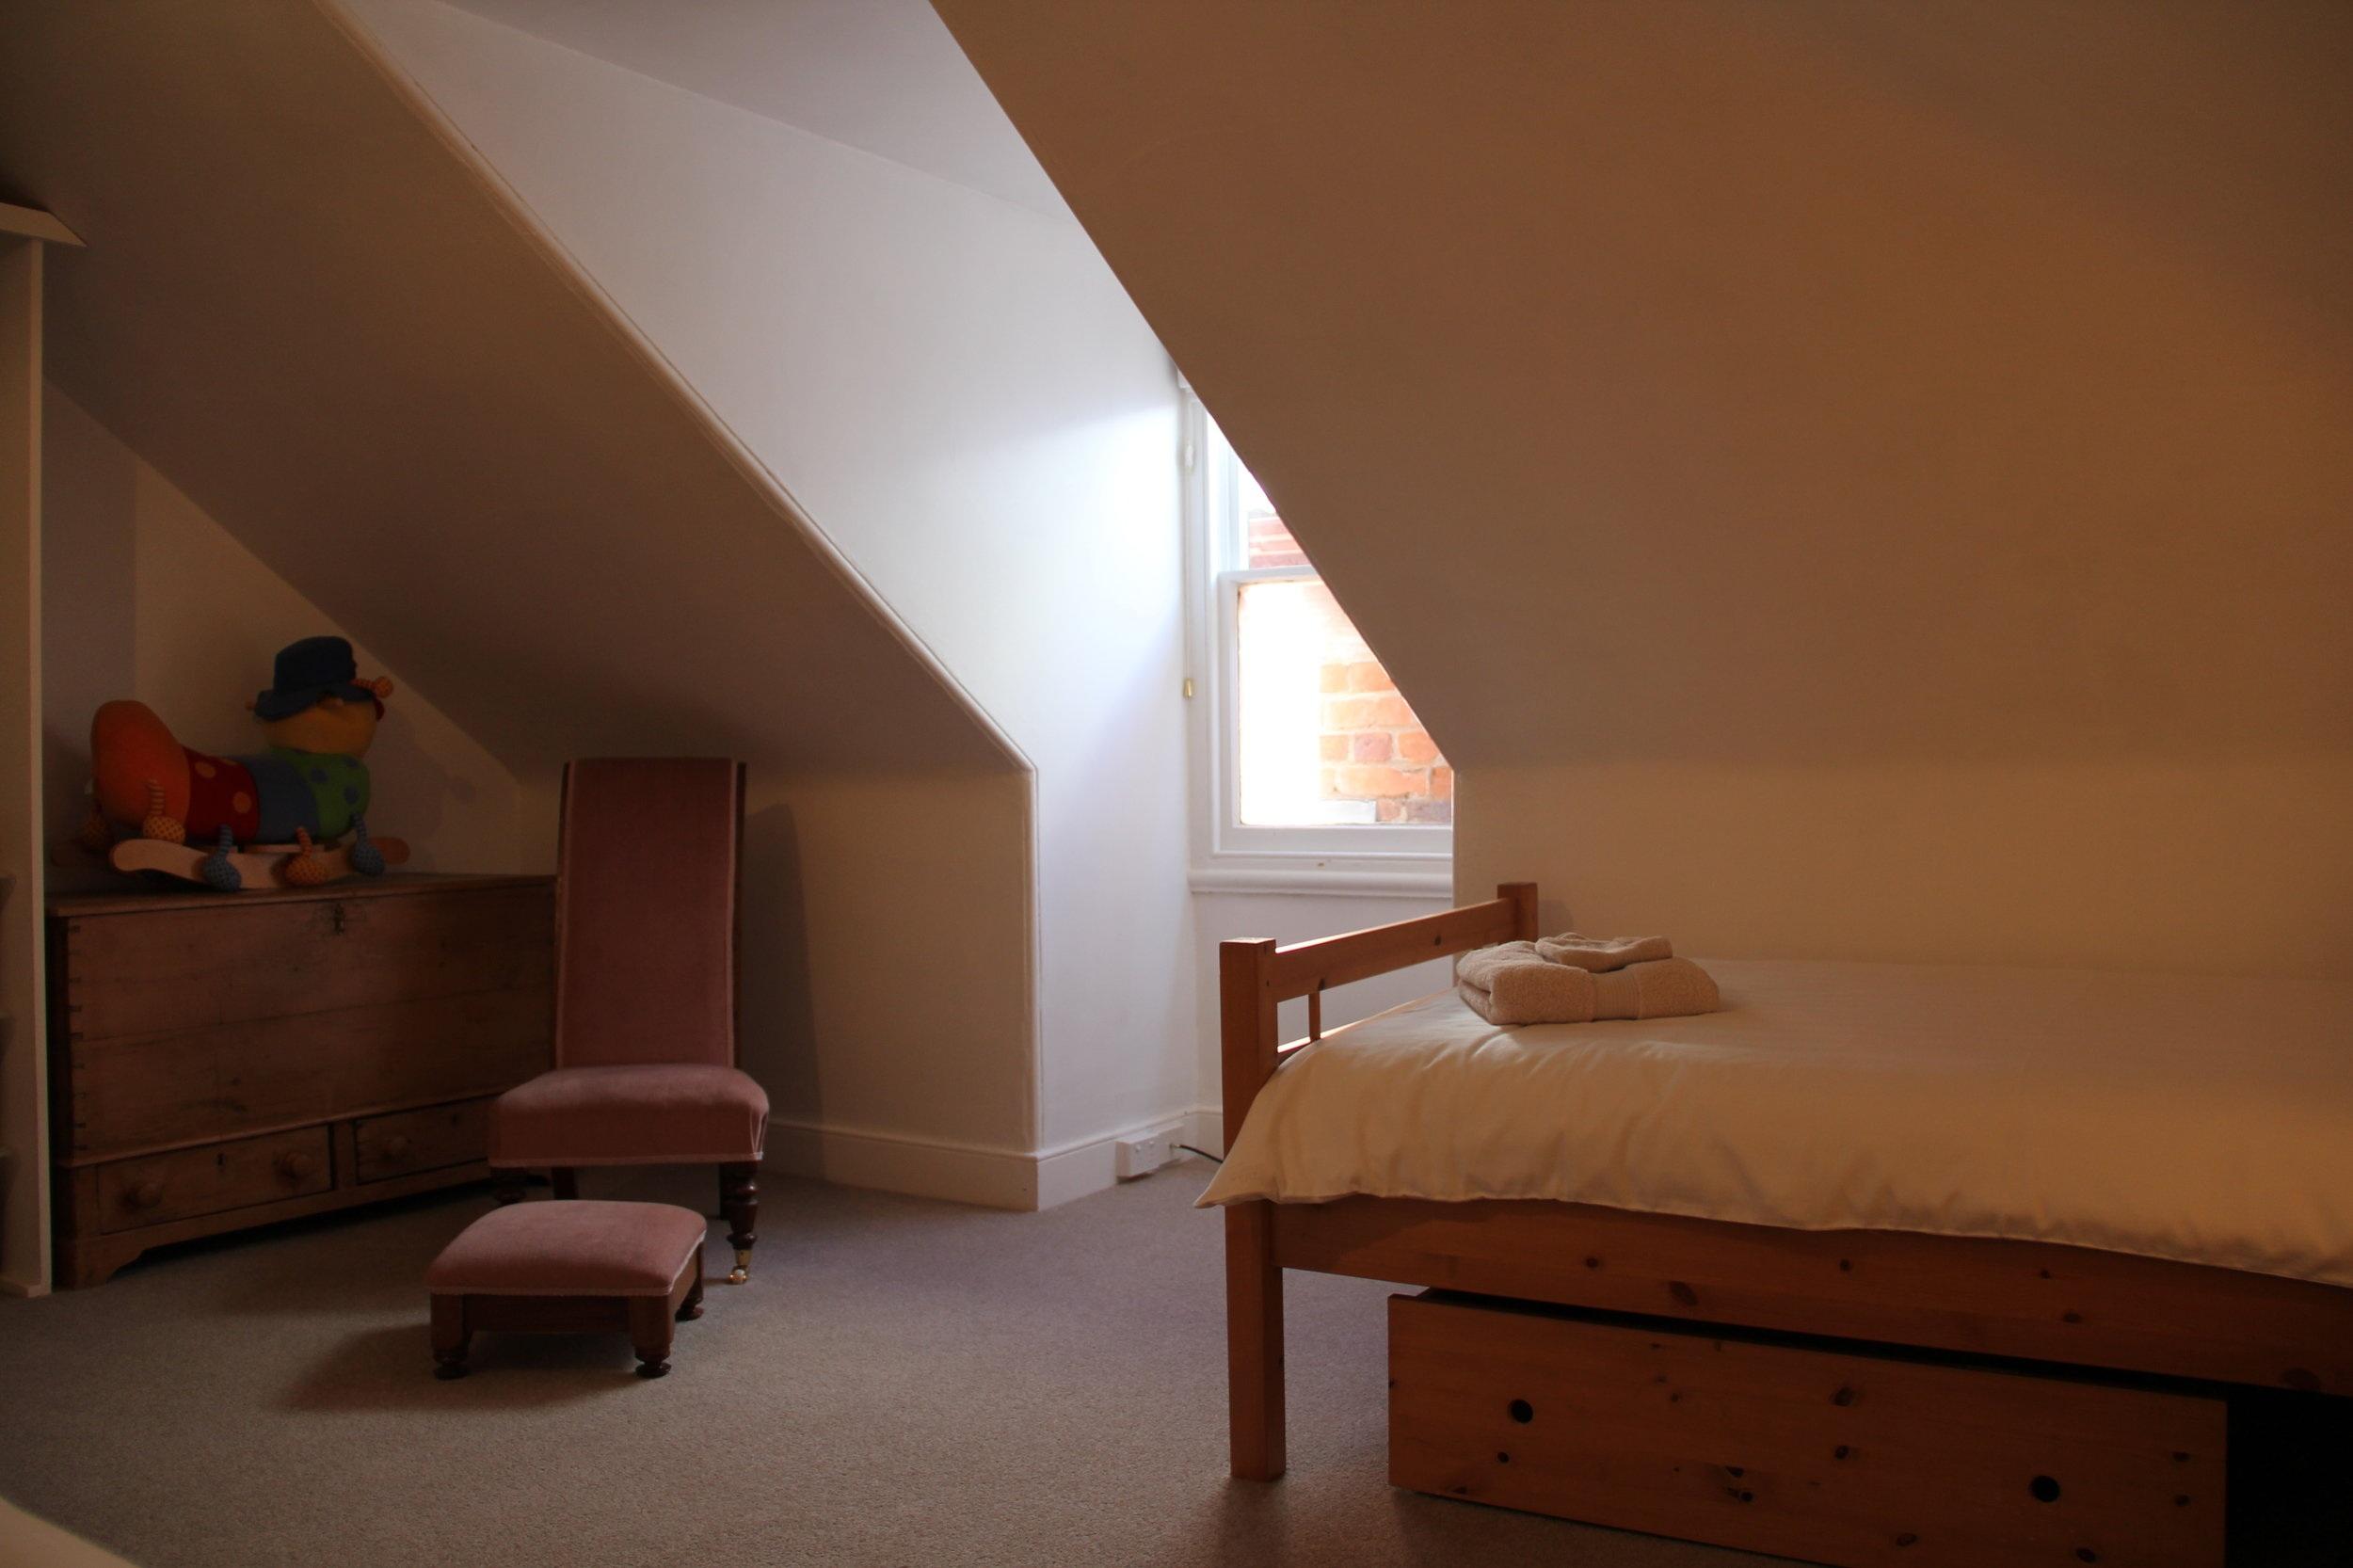 2nd Fl Bedroom 4 or Lounge Room